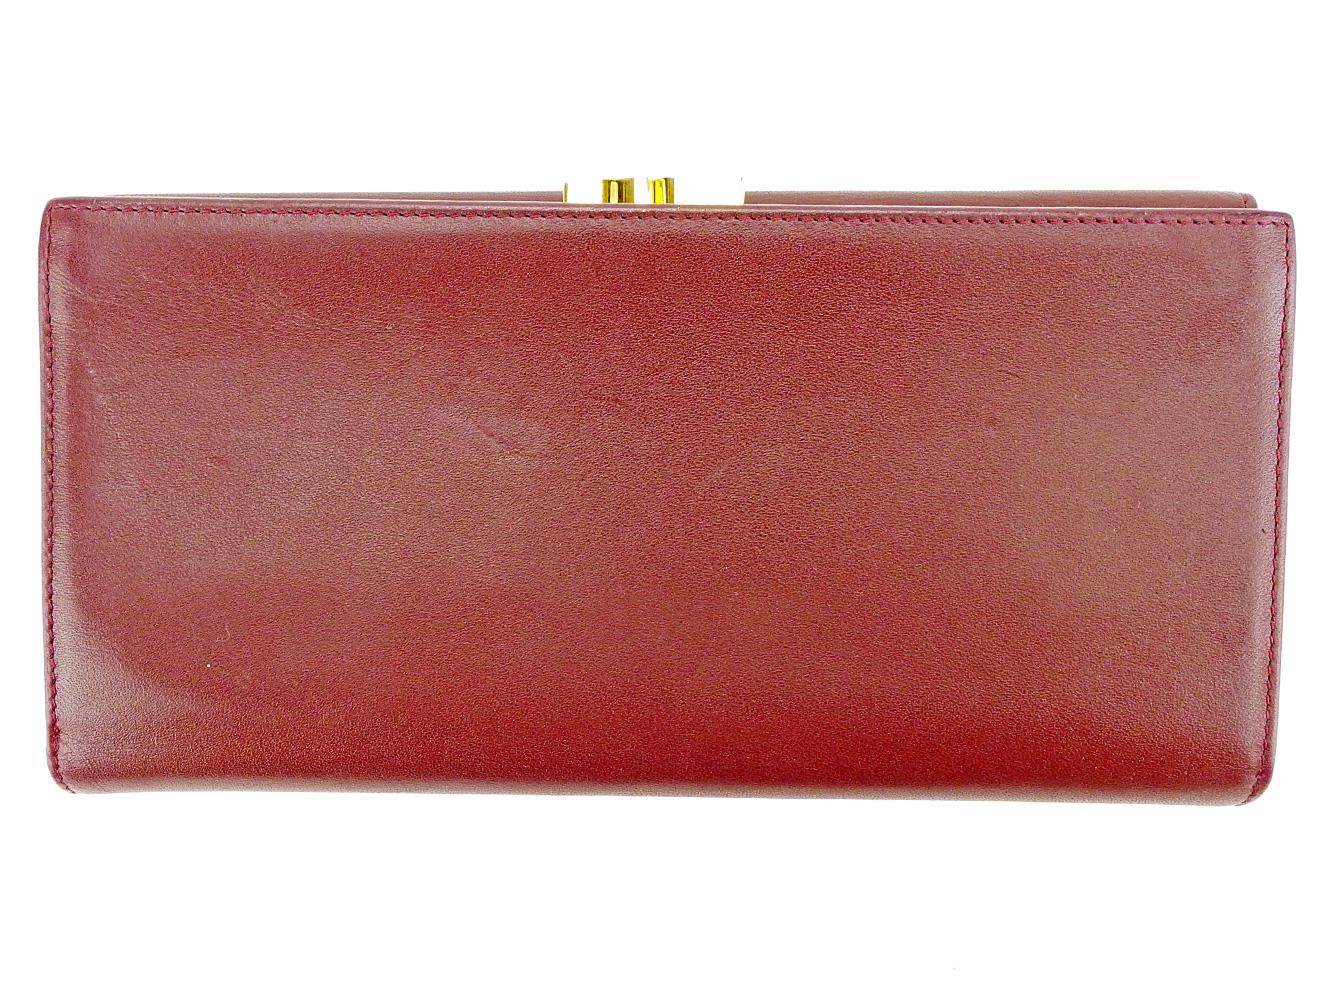 126560693357 【中古】 カルティエ Cartier 長財布 財布 がま口 三つ折り レディース メンズ 可 マストライン ボルドー×ゴールド レザー 良品 S561  . 【送料無料】-その他